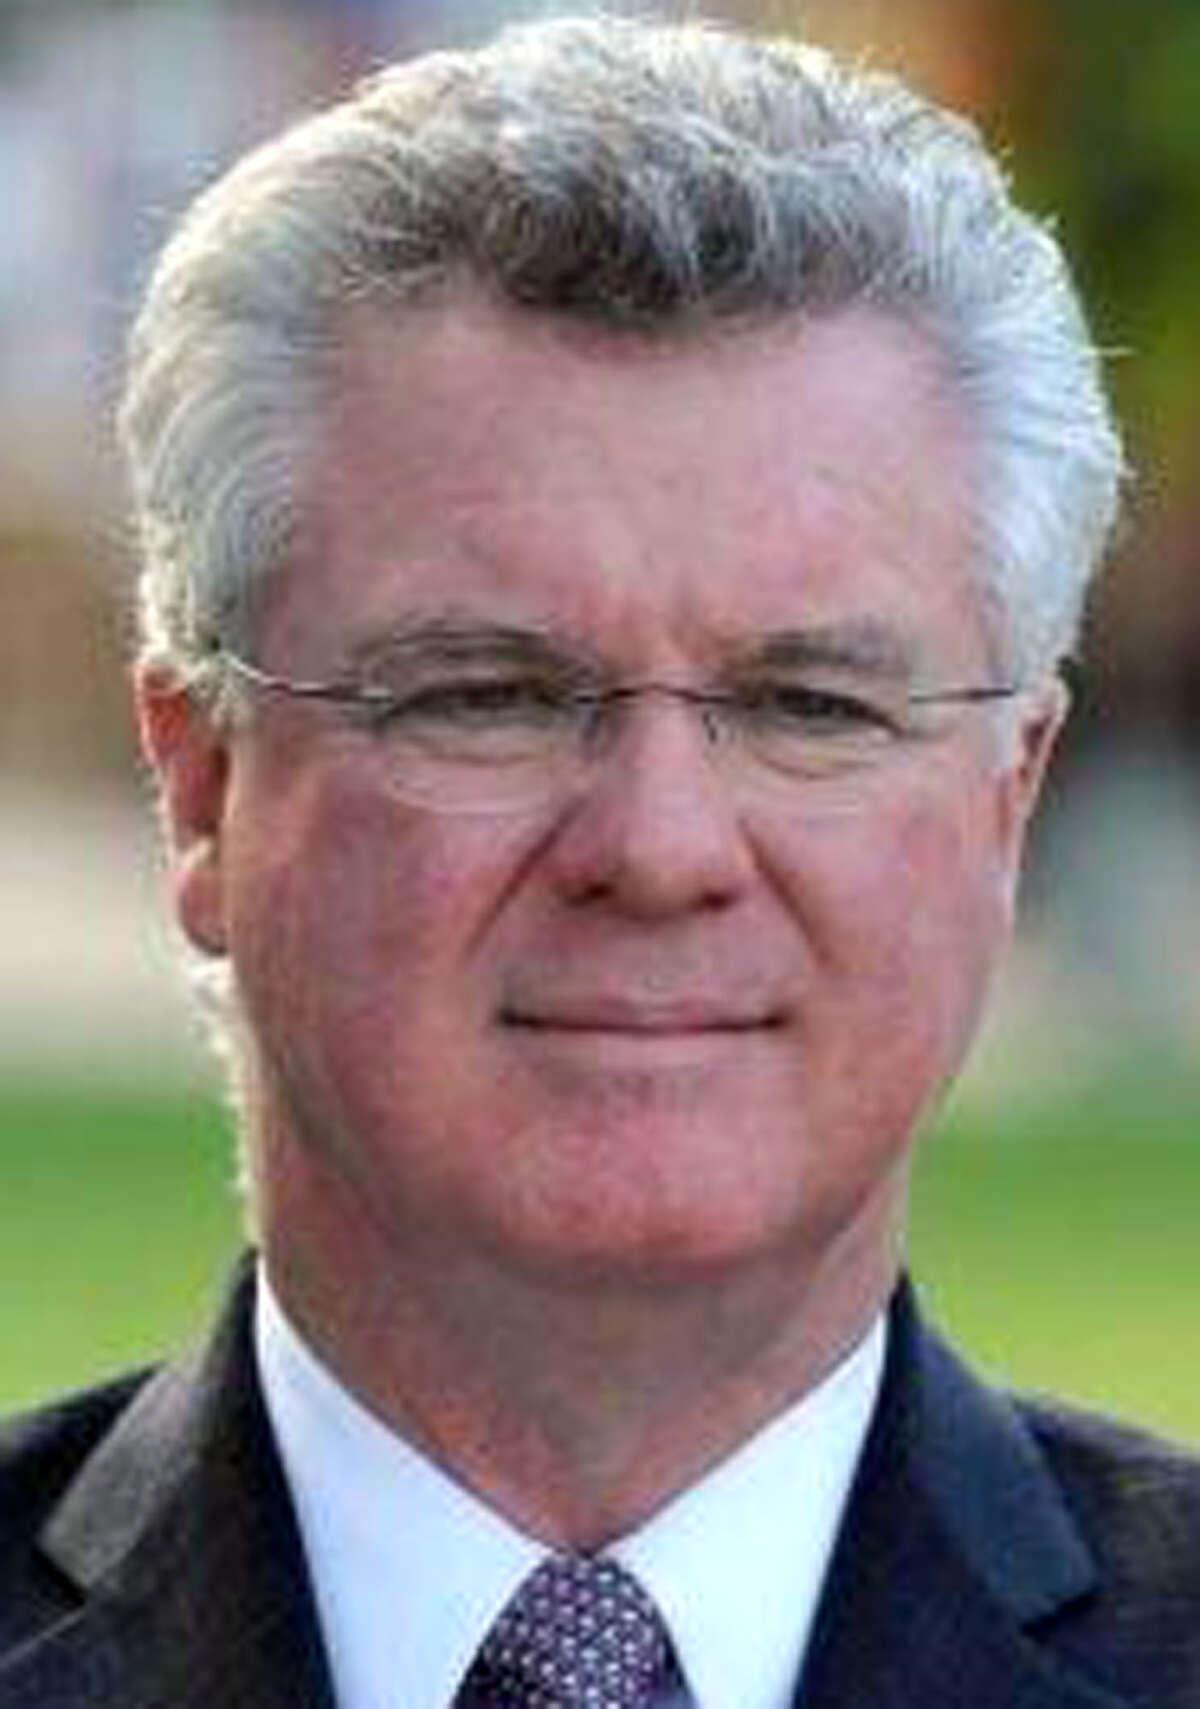 Chris Donovan of Meriden